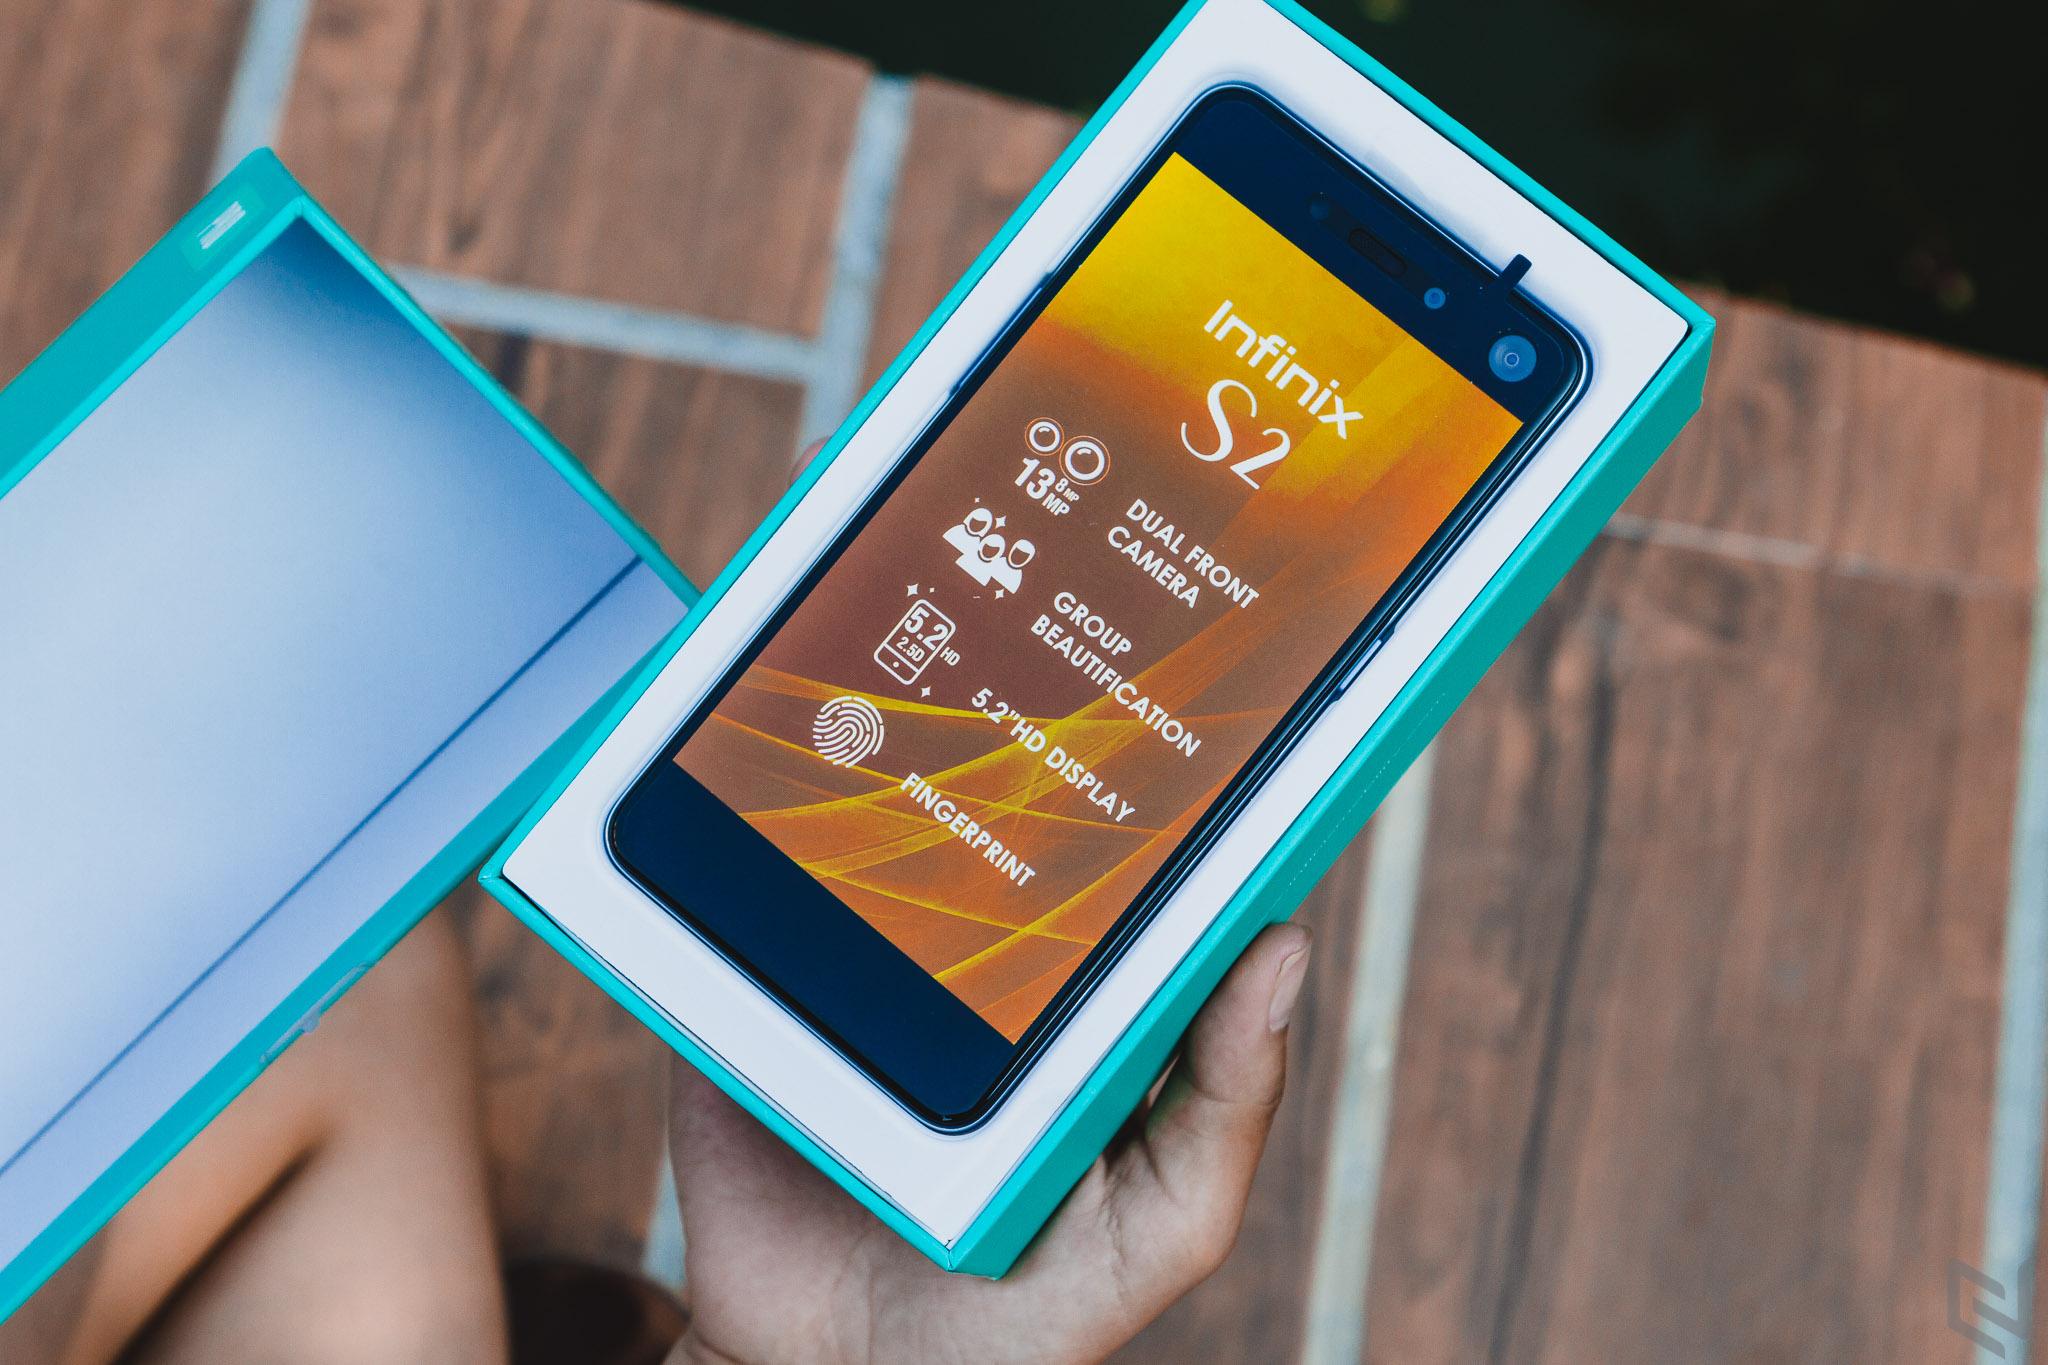 Nhờ bạn gái ngoài công viên mở hộp và trên tay Infinix S2 Pro màu Topaz Blue